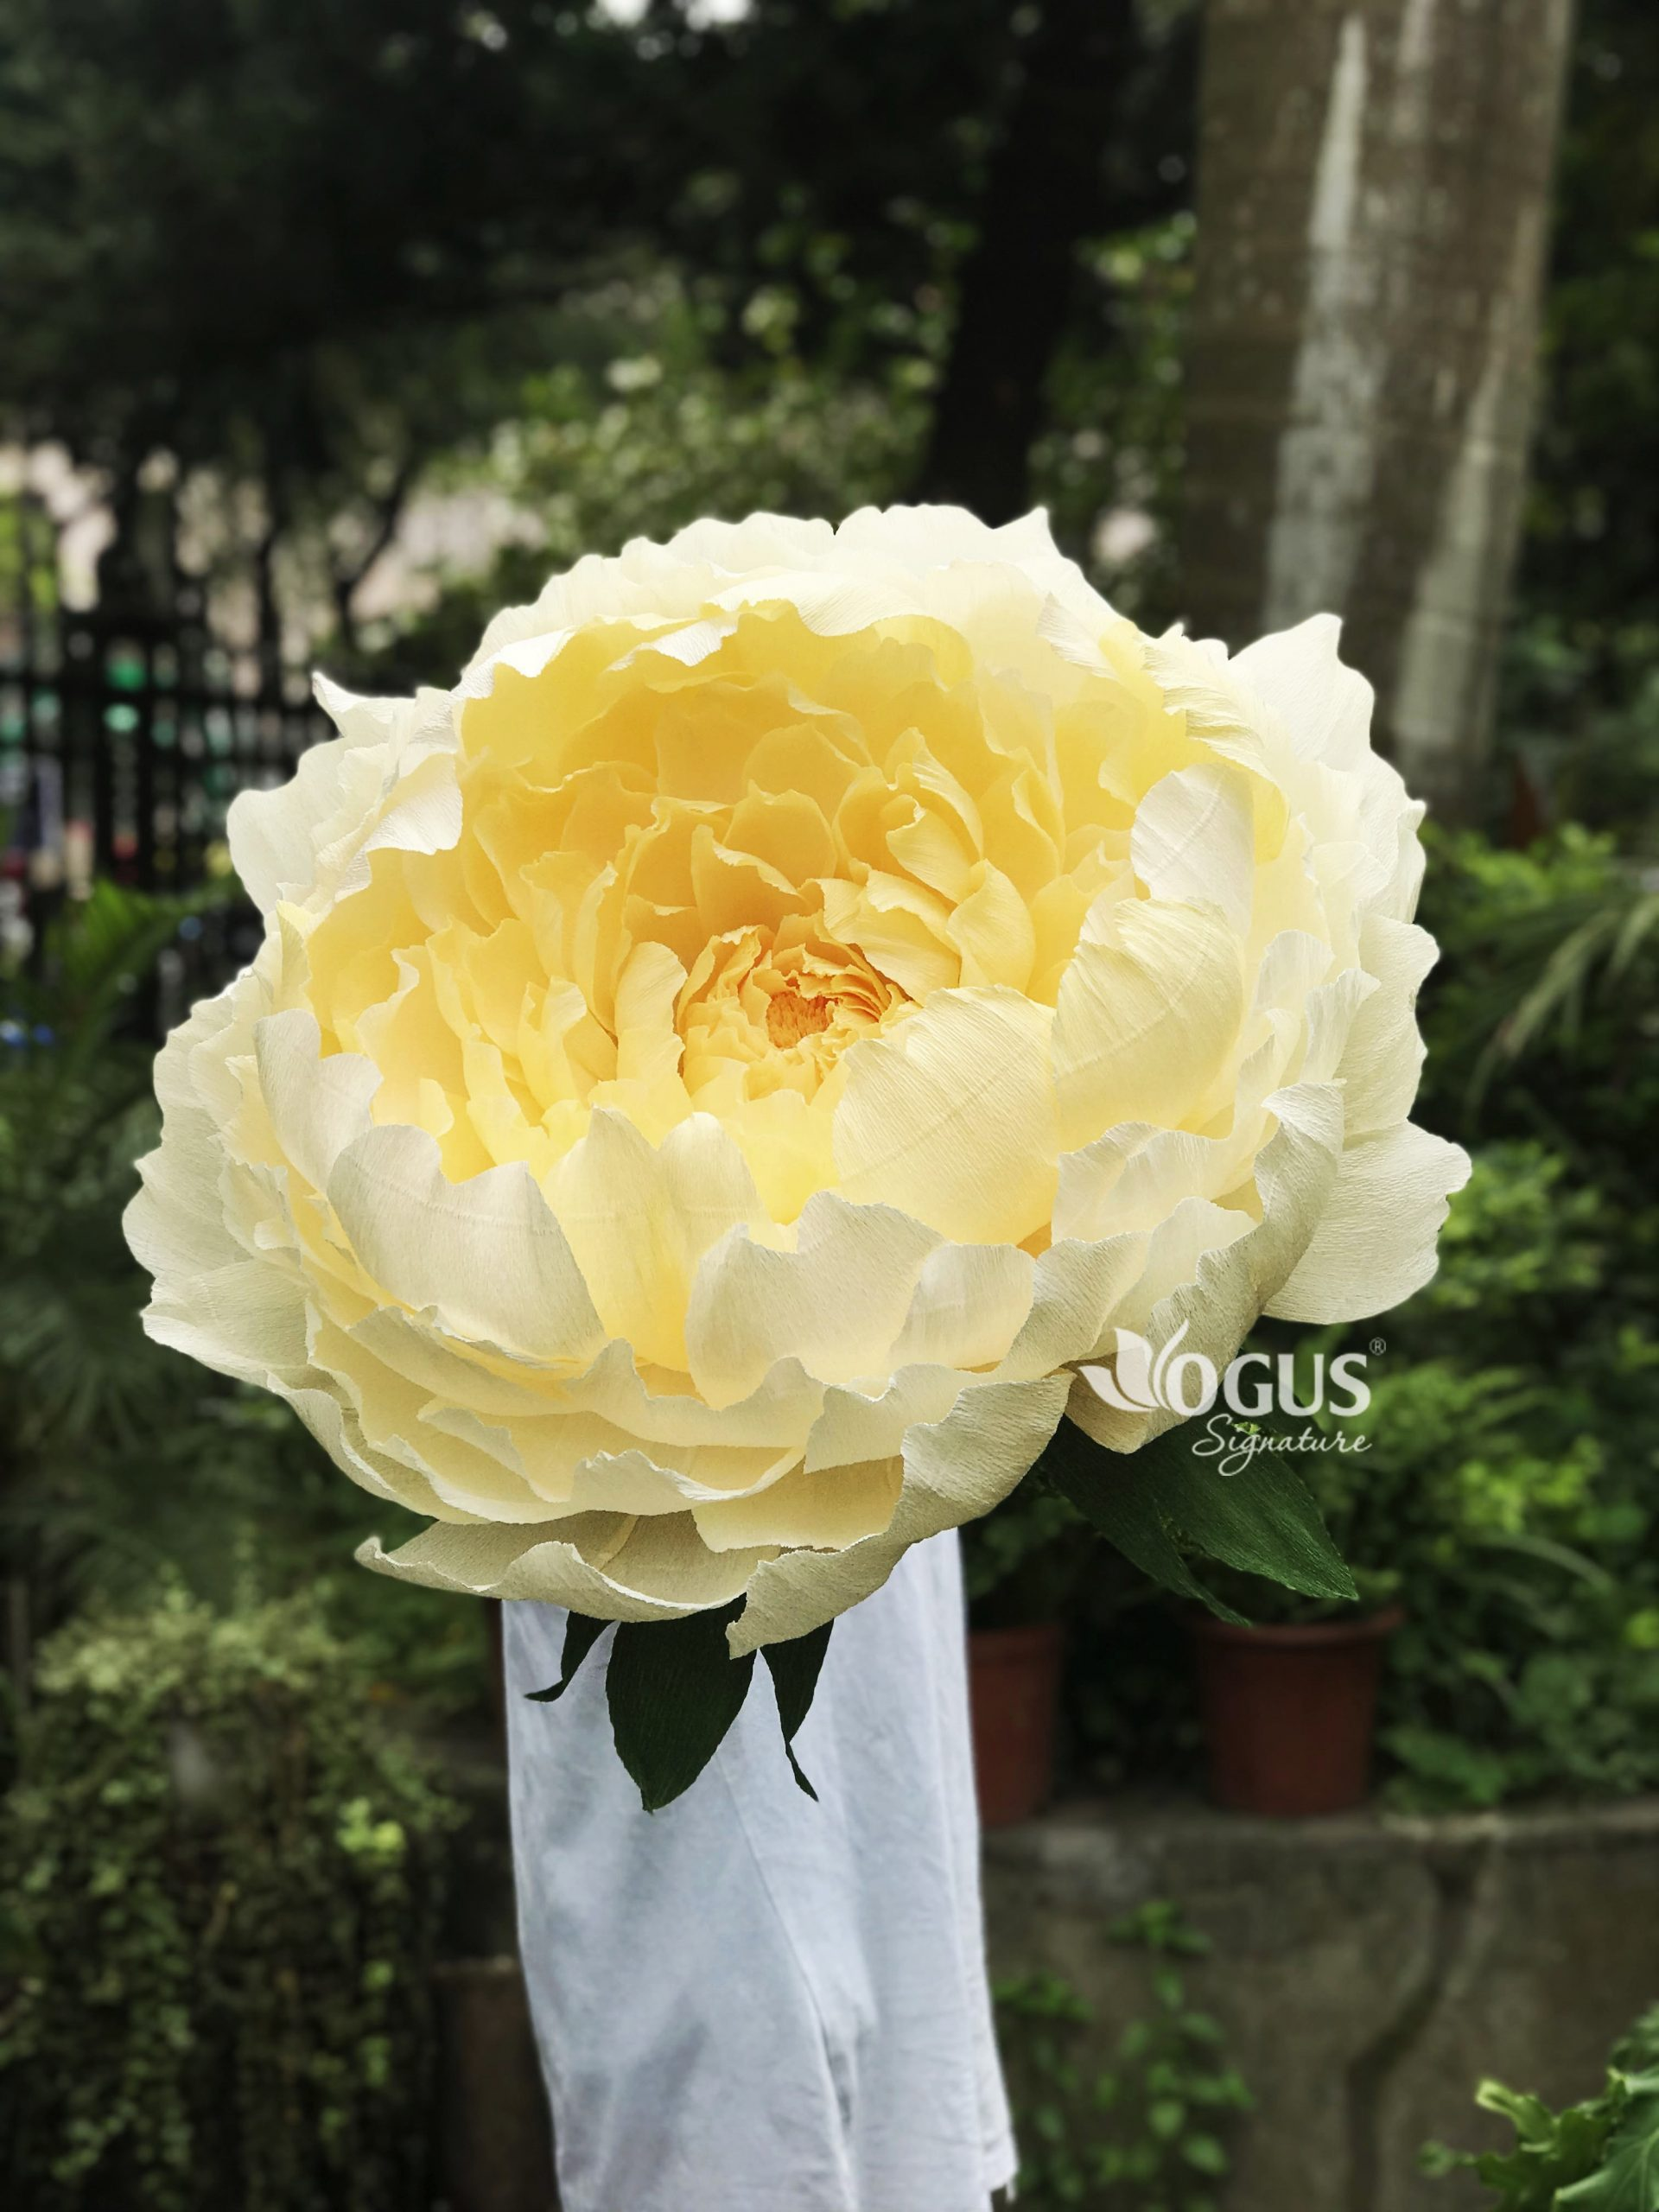 Không gian bừng vẻ sang trọngvới cây hoa mẫu đơn khổng lồ Ogus Signature